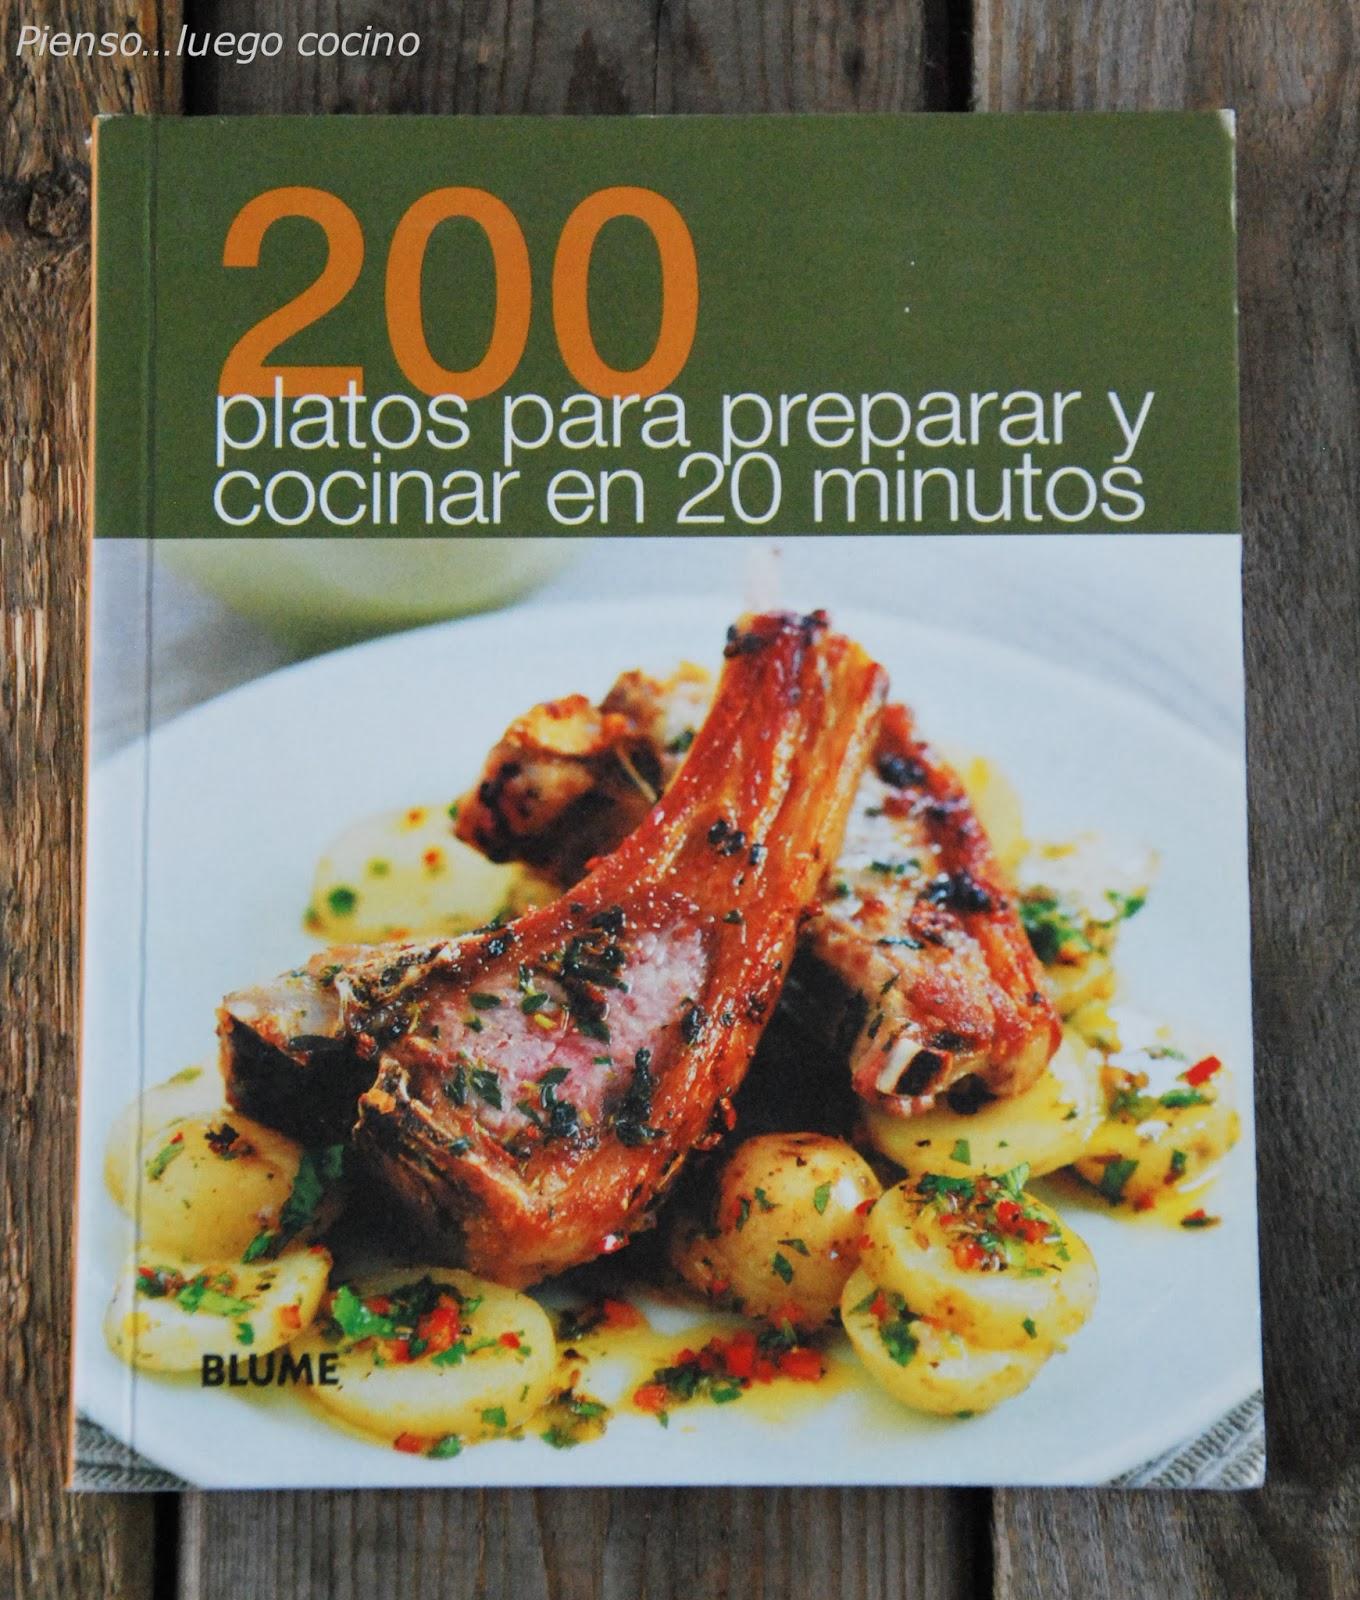 Pienso luego cocino 200 platos para preparar y cocinar for Platos faciles de cocinar